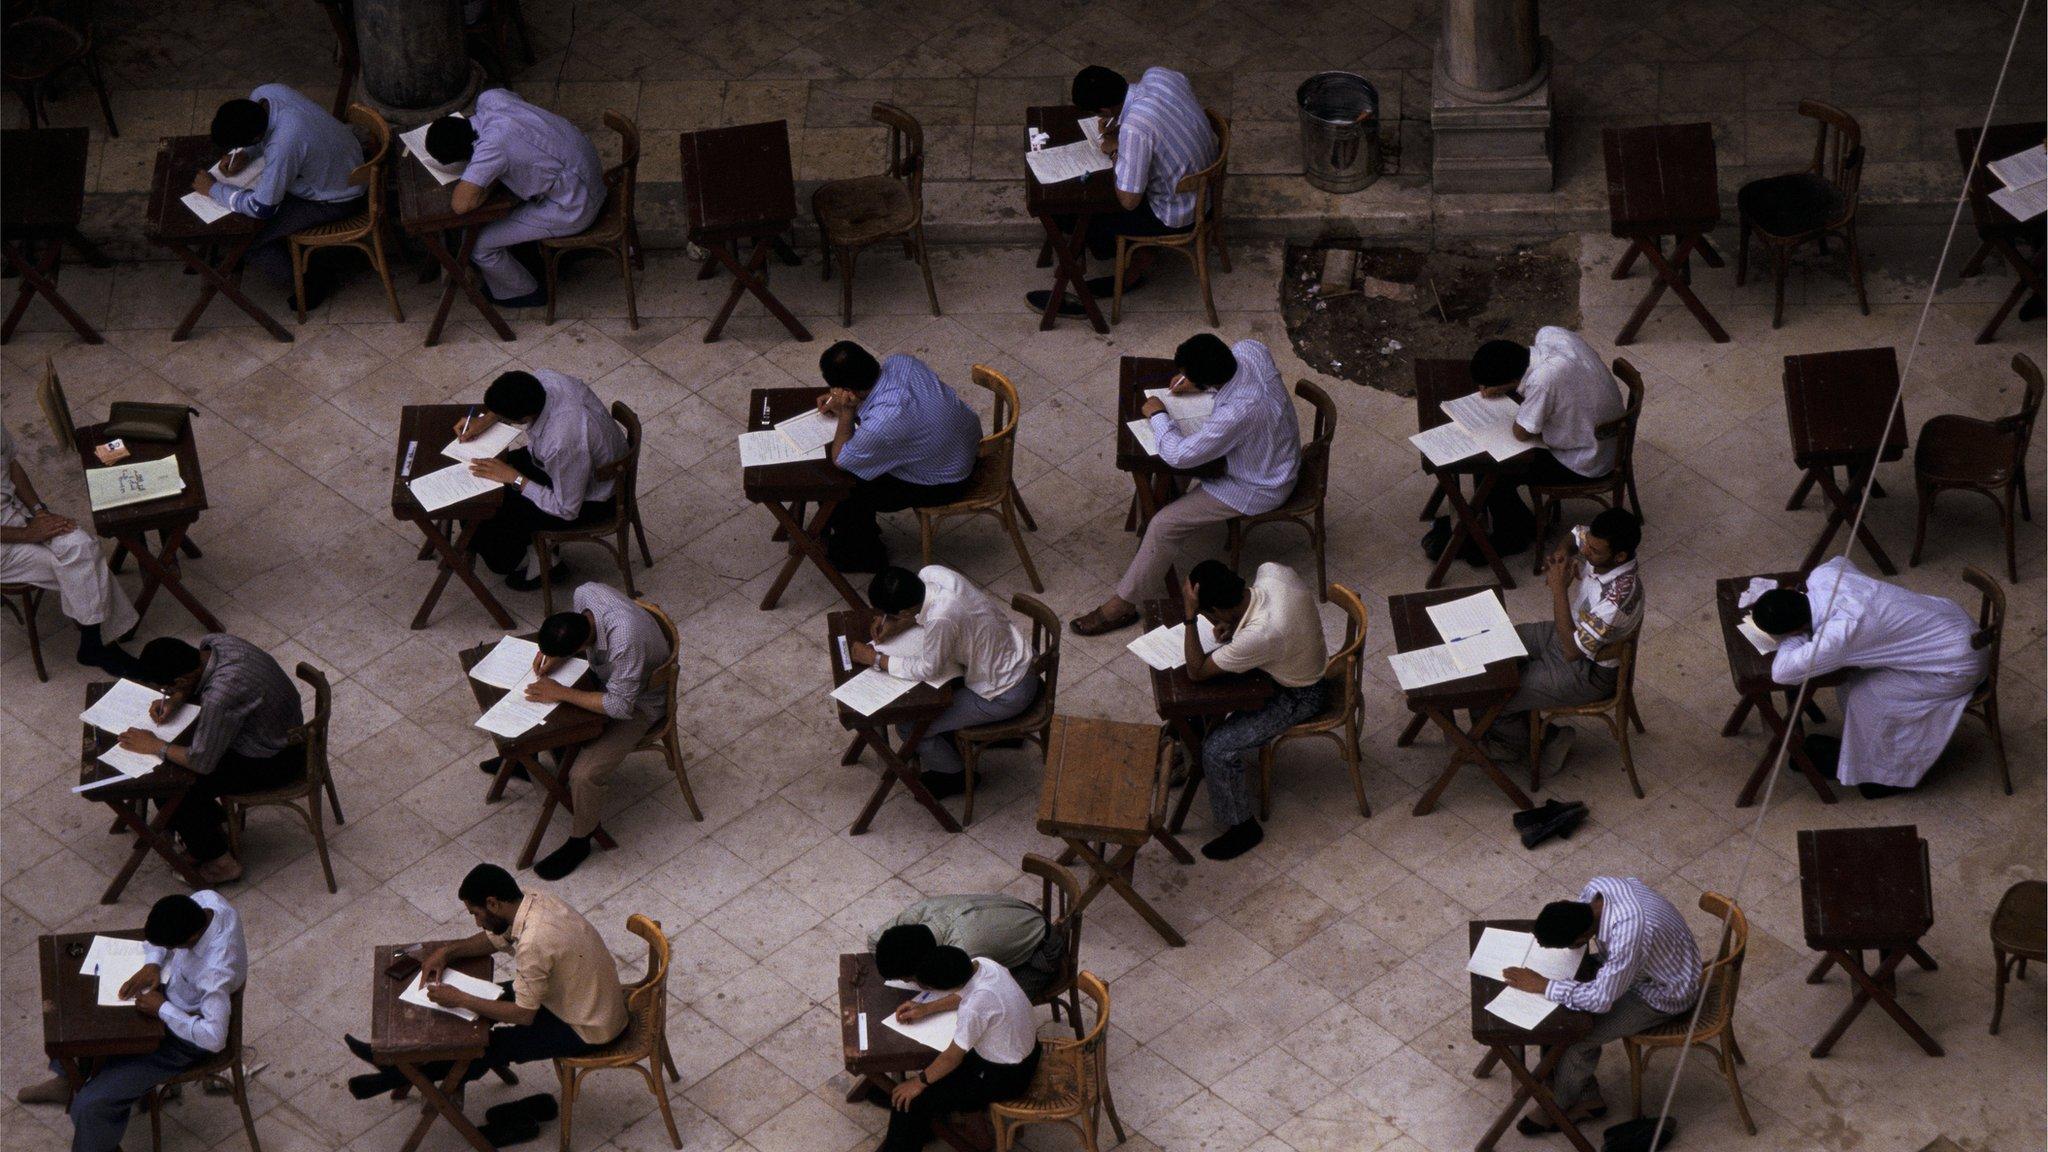 مصر: وزير التربية لا لتأجيل الامتحانات الثانوية .. والطلاب يدعون للمقاطعة